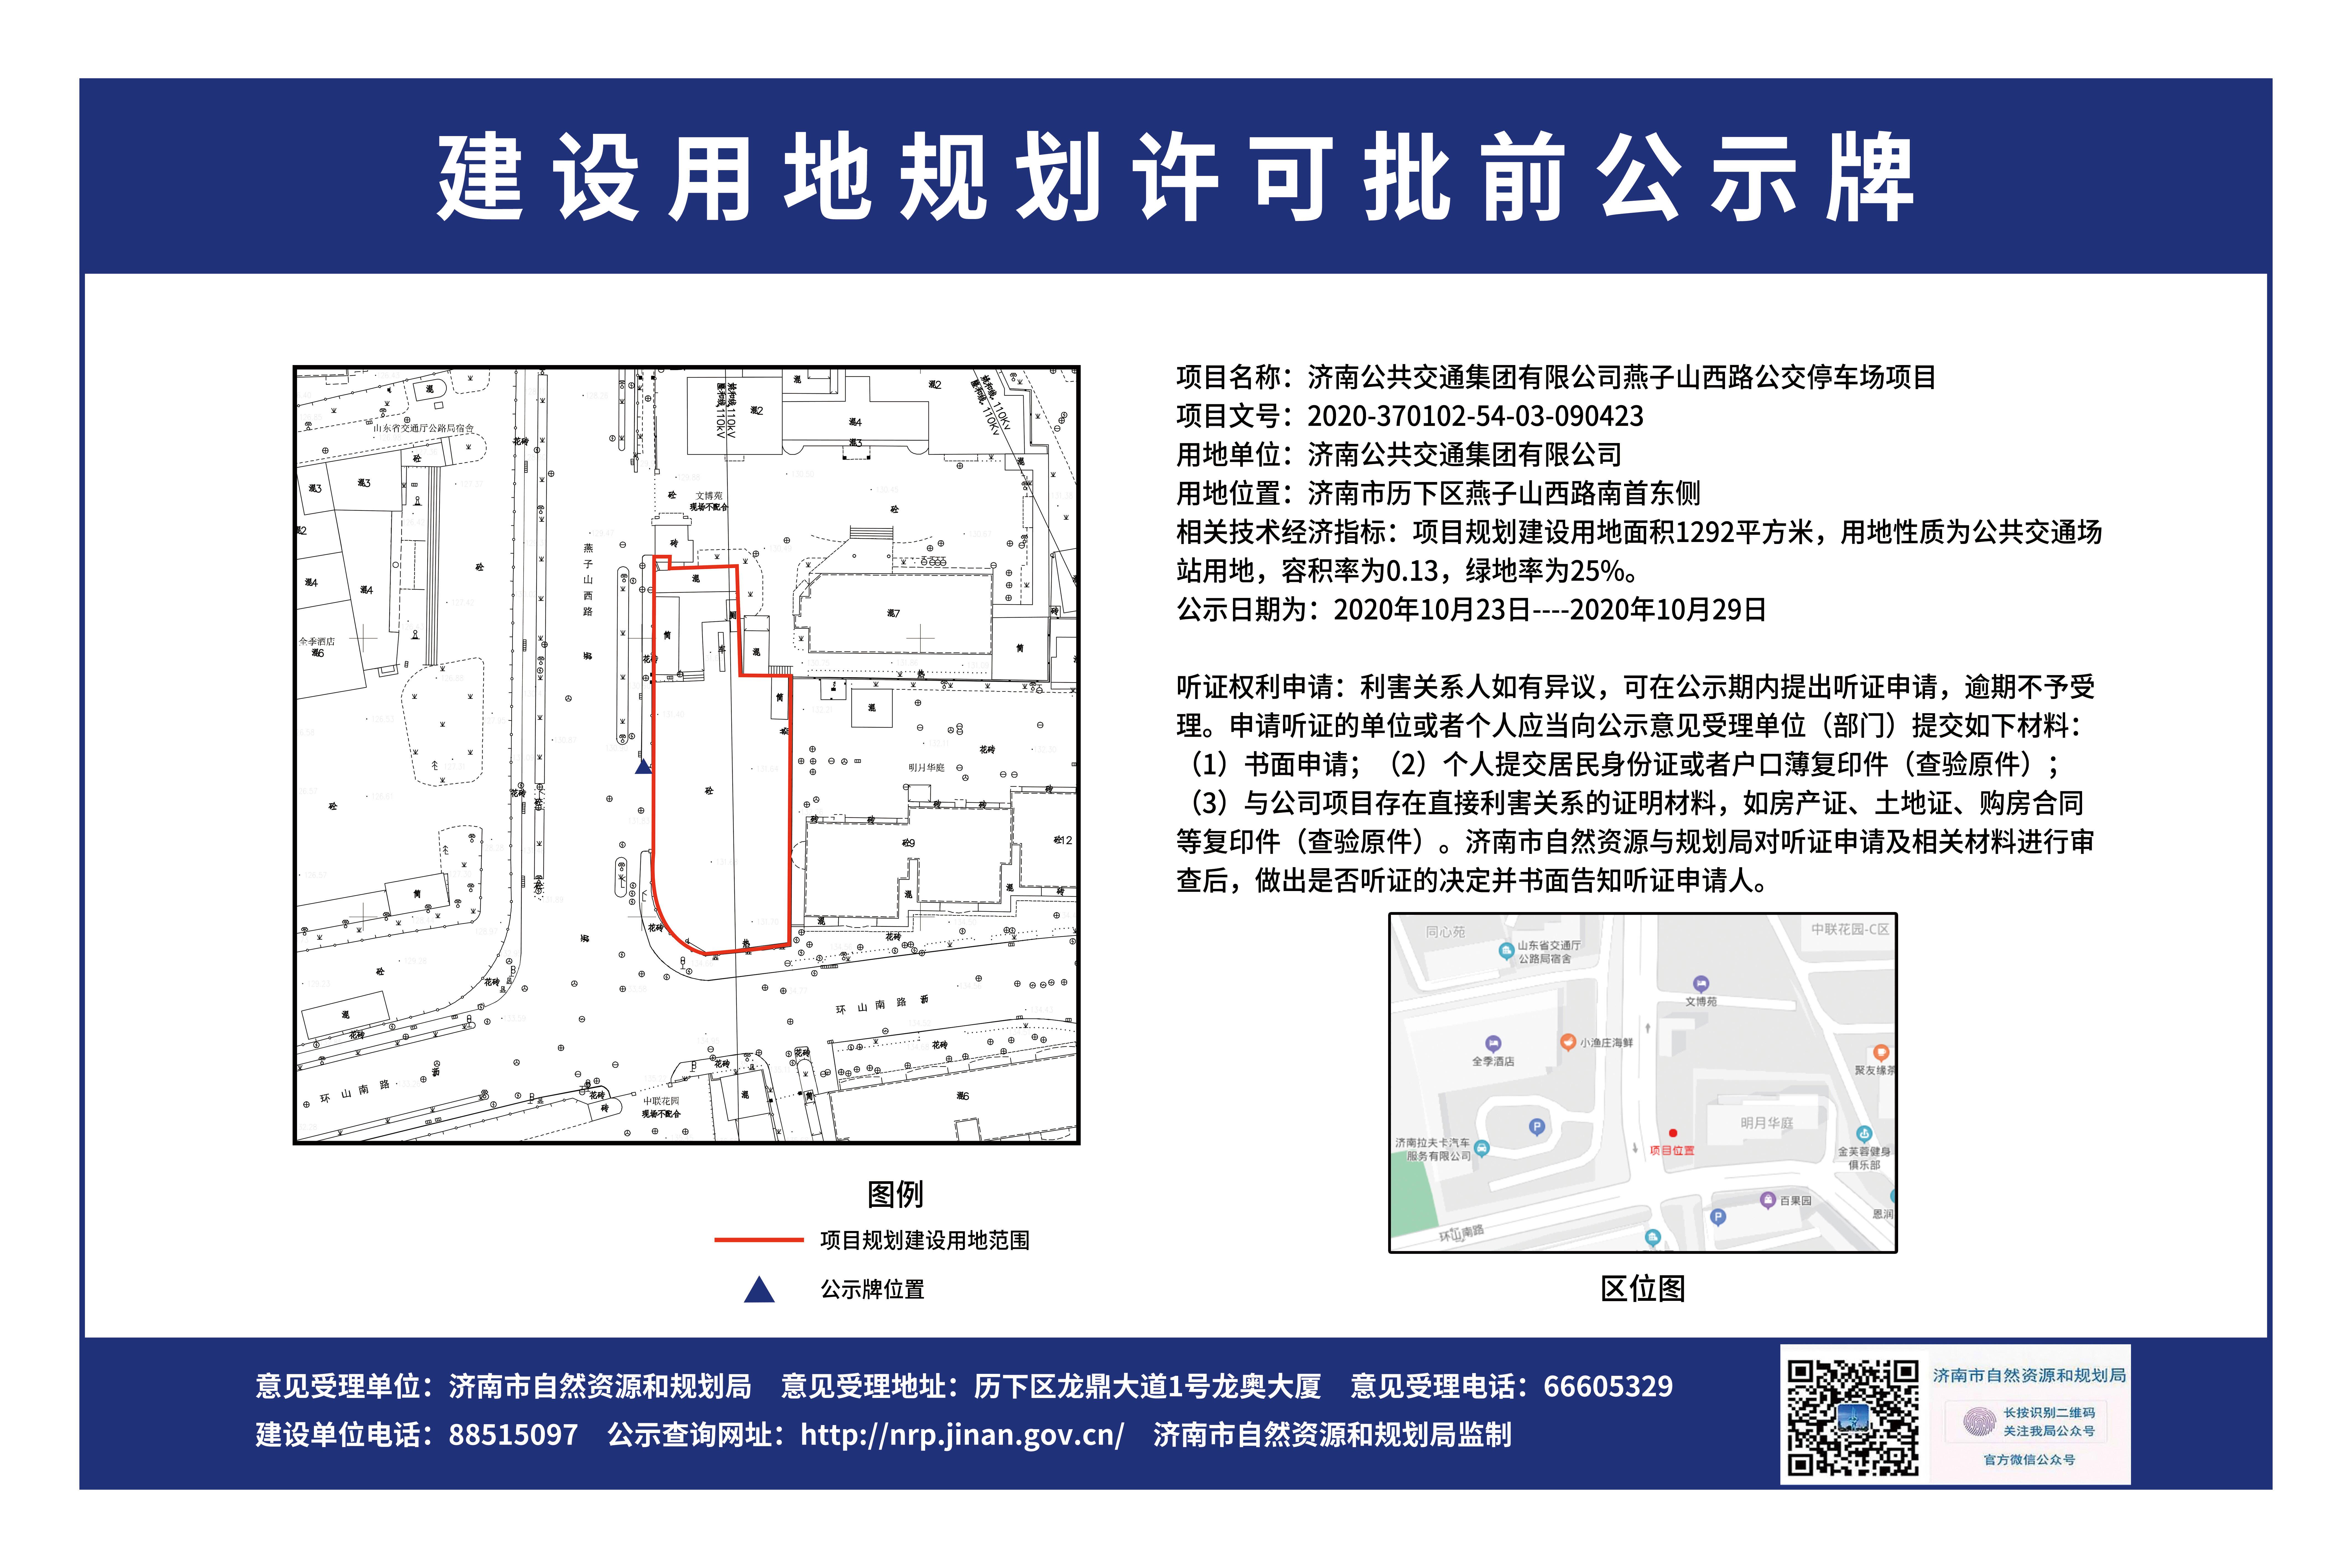 济南又一公交停车场公示! 将坐落在燕子山西路南首东侧